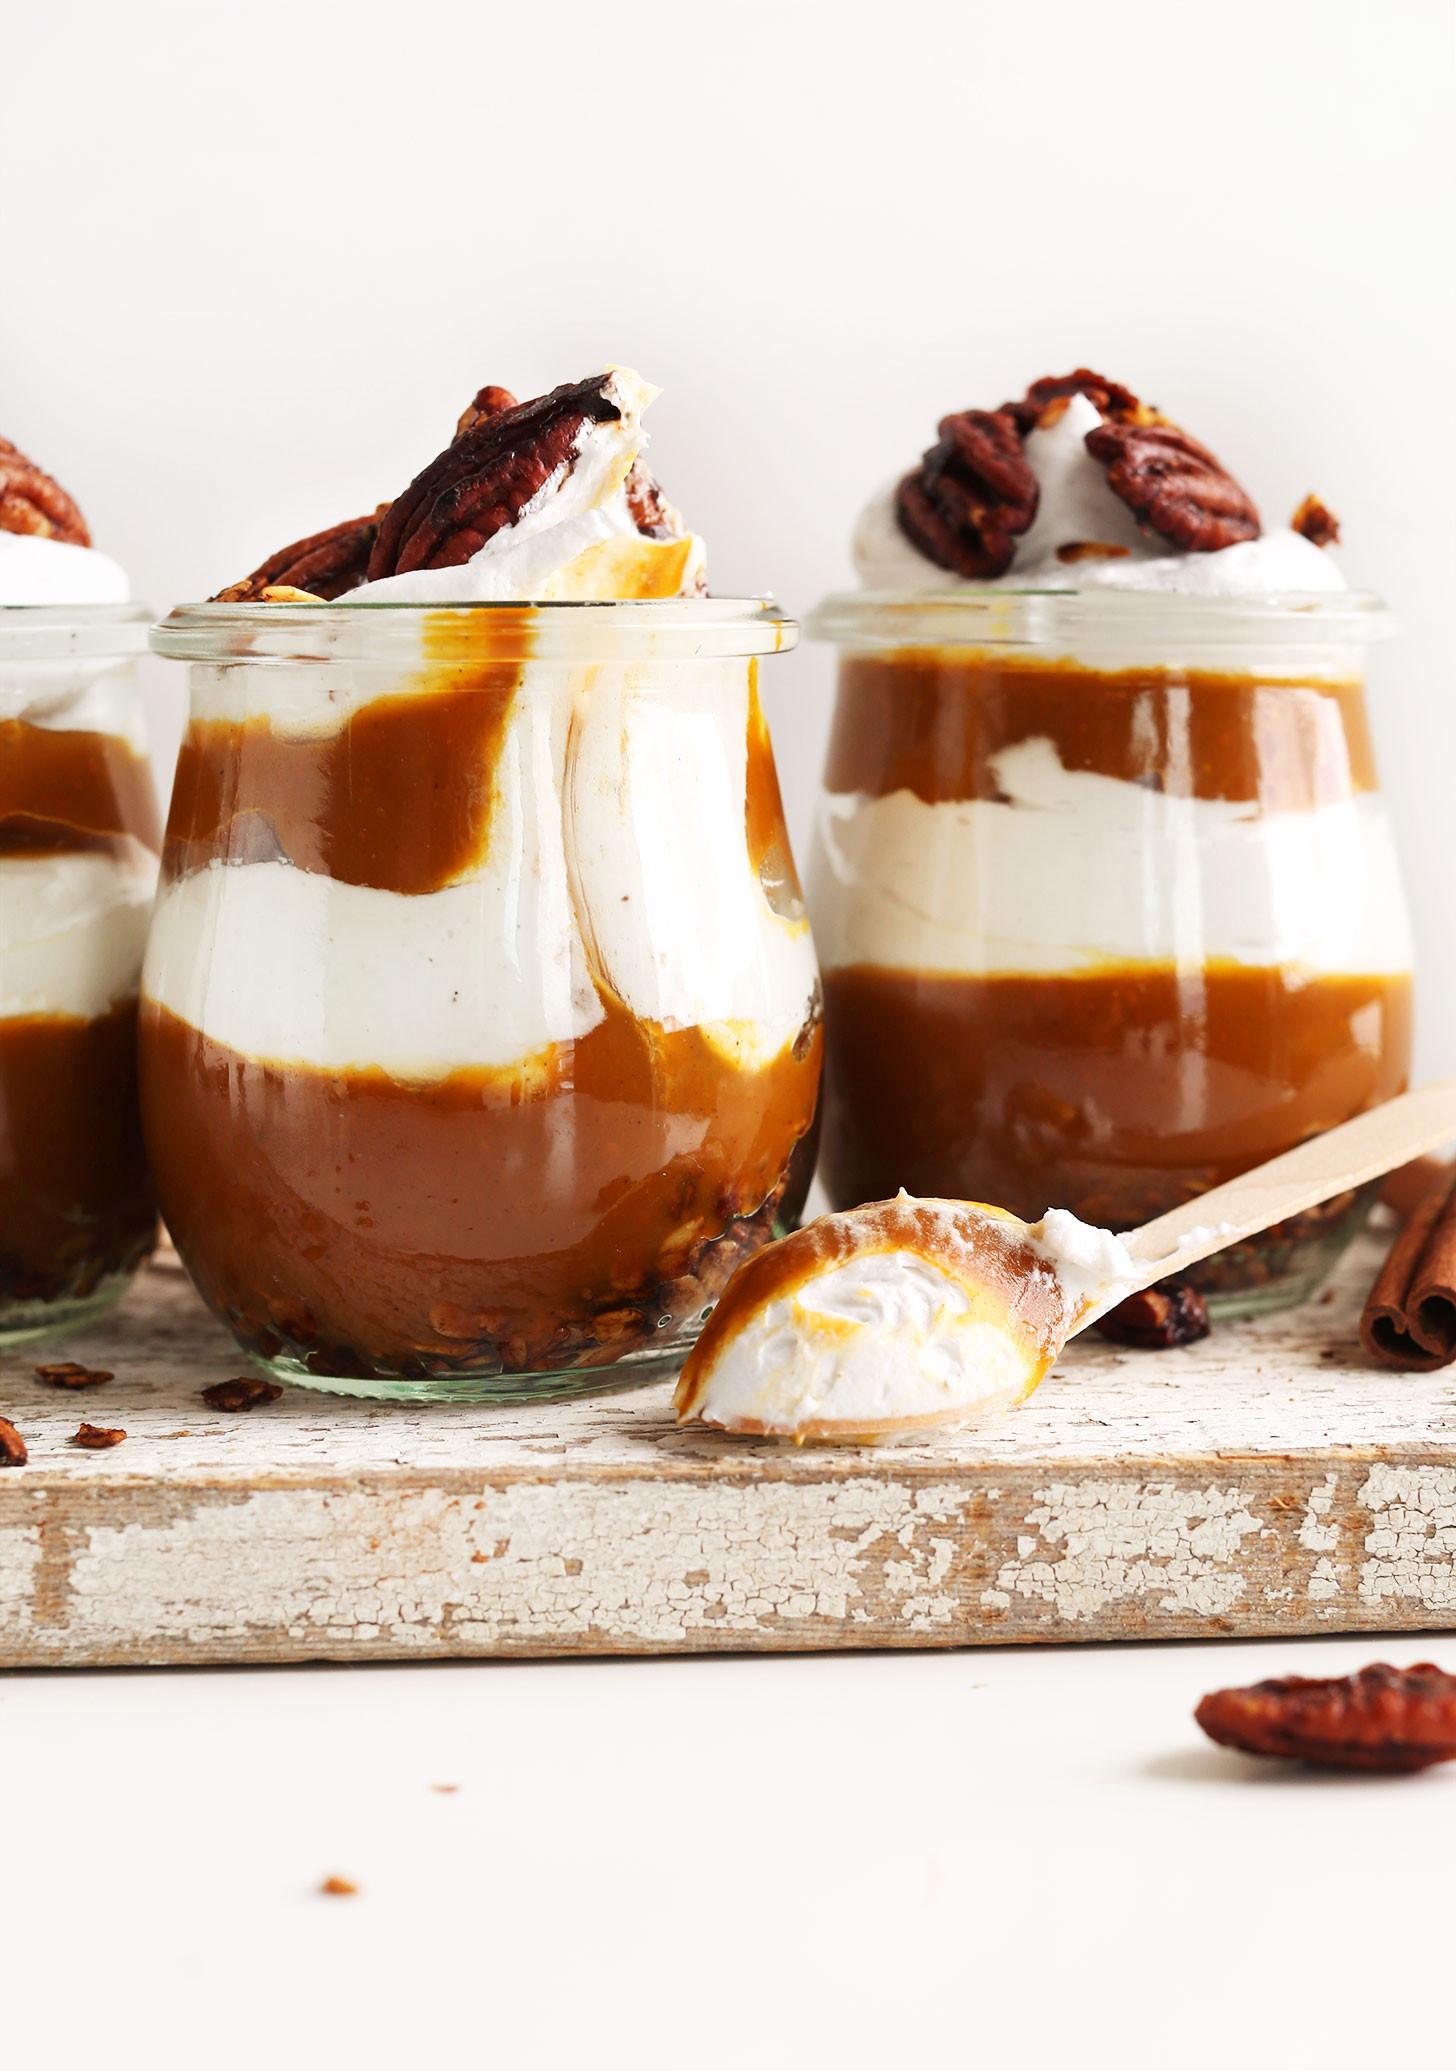 Vegan Pumpkin Desserts Recipes  Pumpkin Pie Parfaits